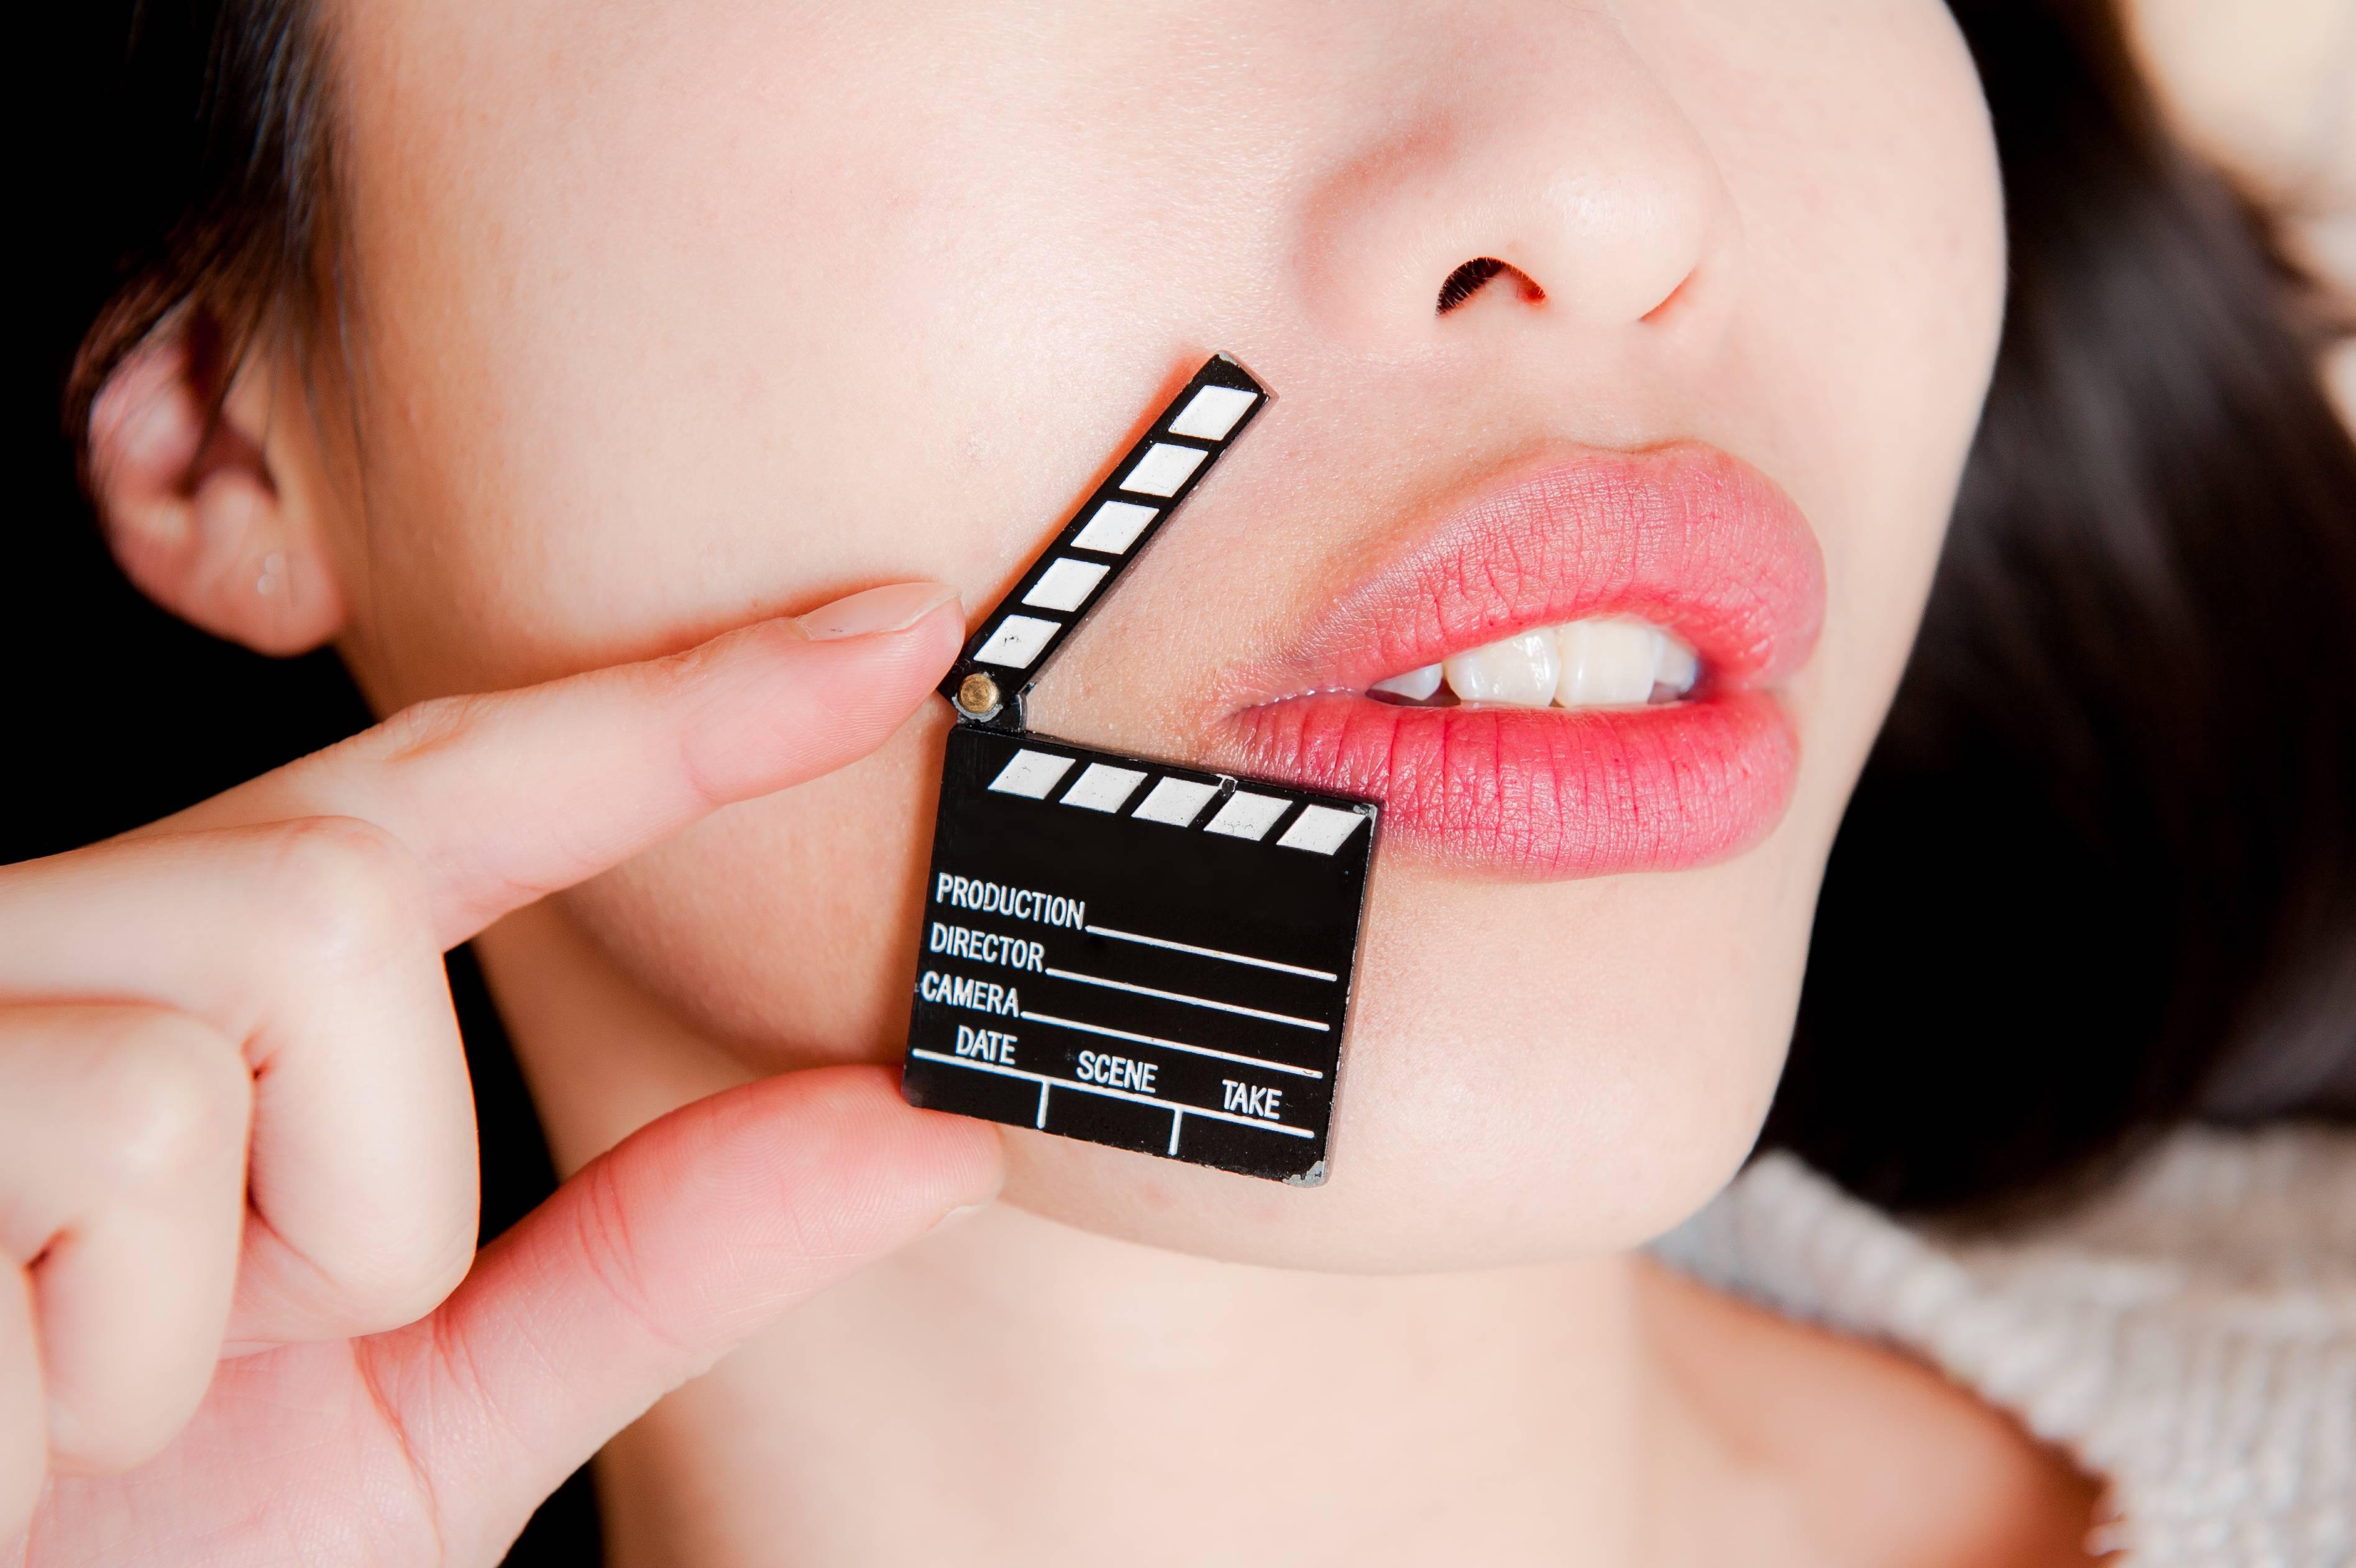 Velvet - Élet - Piaci rés: feltalálták a kamerával felszerelt péniszgyűrűt